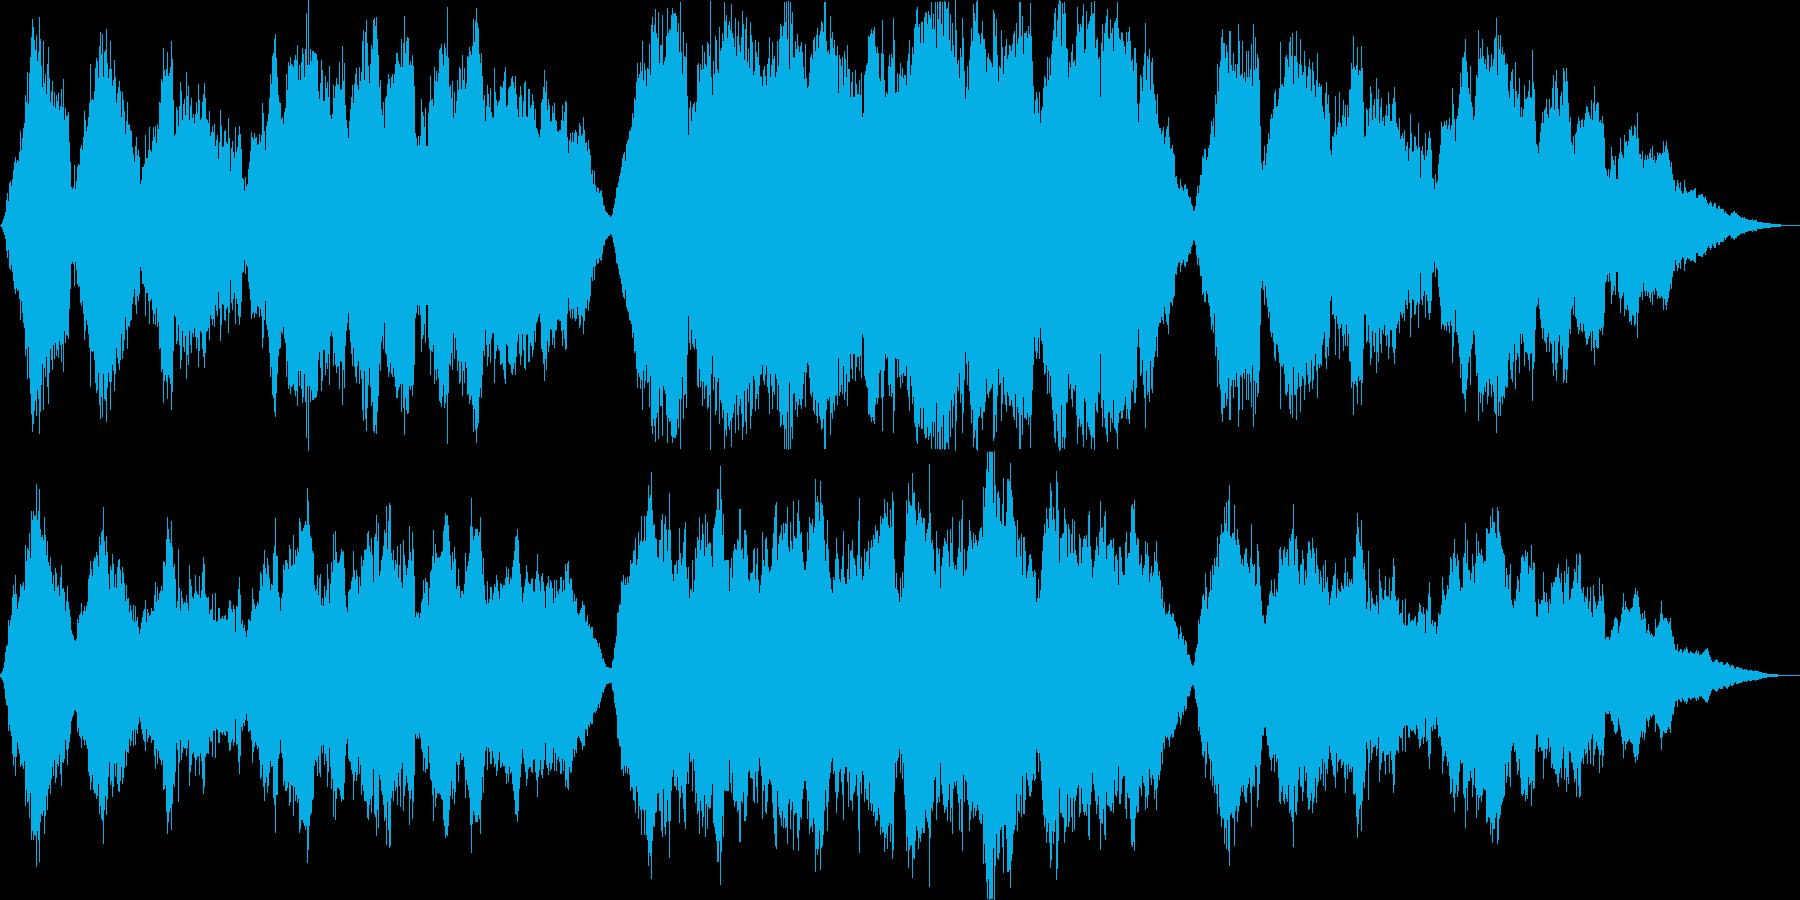 レクイエム・死亡・悲しみにくれるの再生済みの波形